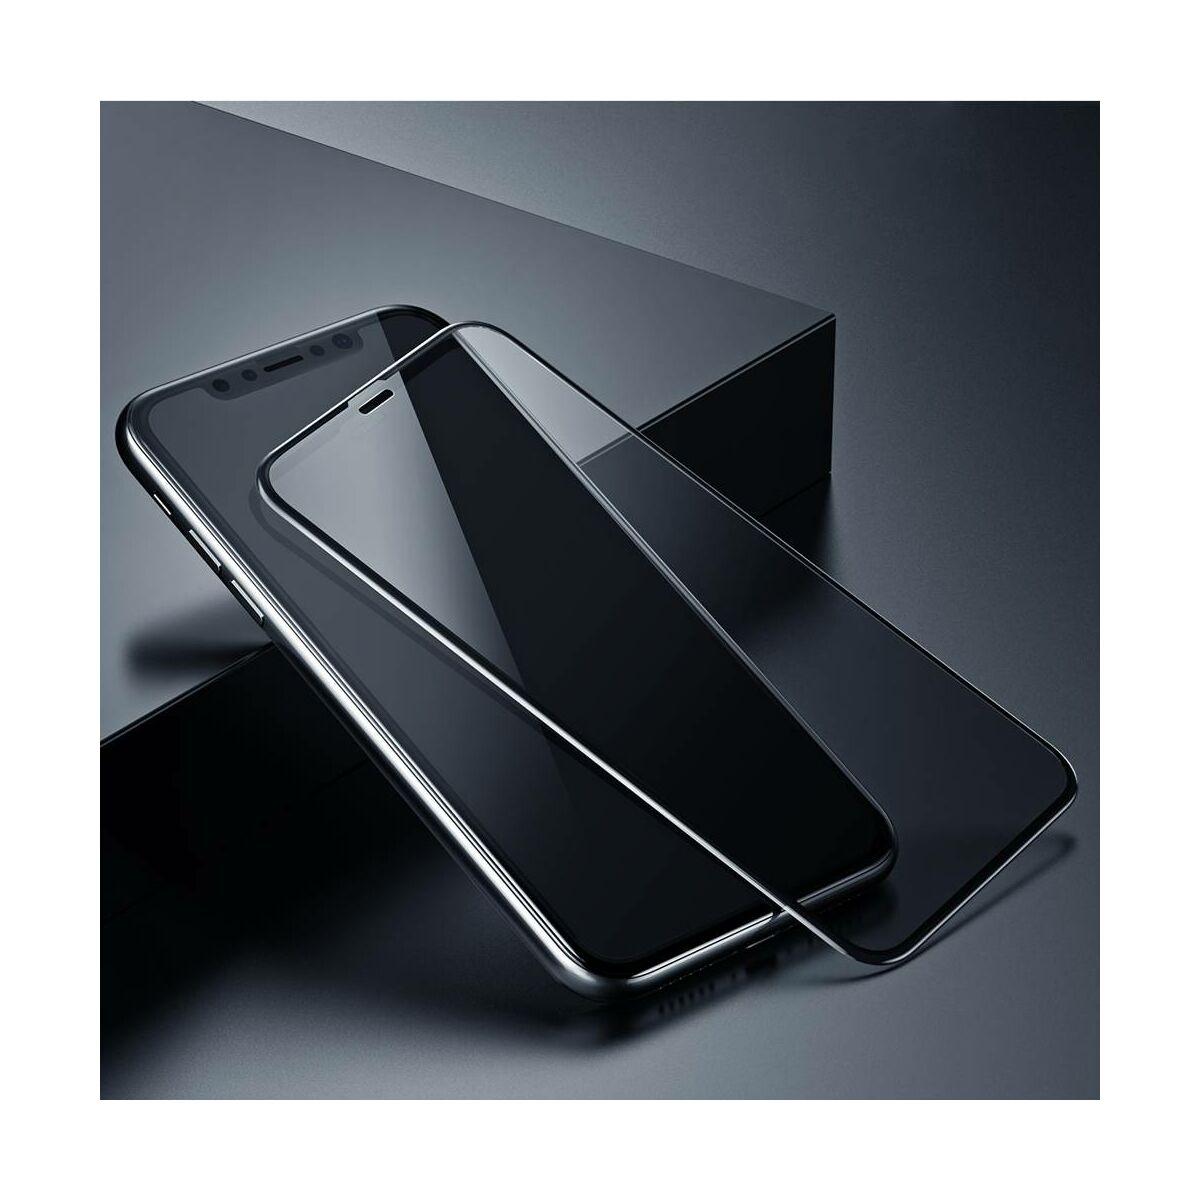 """Baseus iPhone XS (5.8"""") 0.23 mm, teljes felületre, törés álló szélek, betekintés védelem, edzett üveg, fekete (SGAPIPH58-CTG01)"""